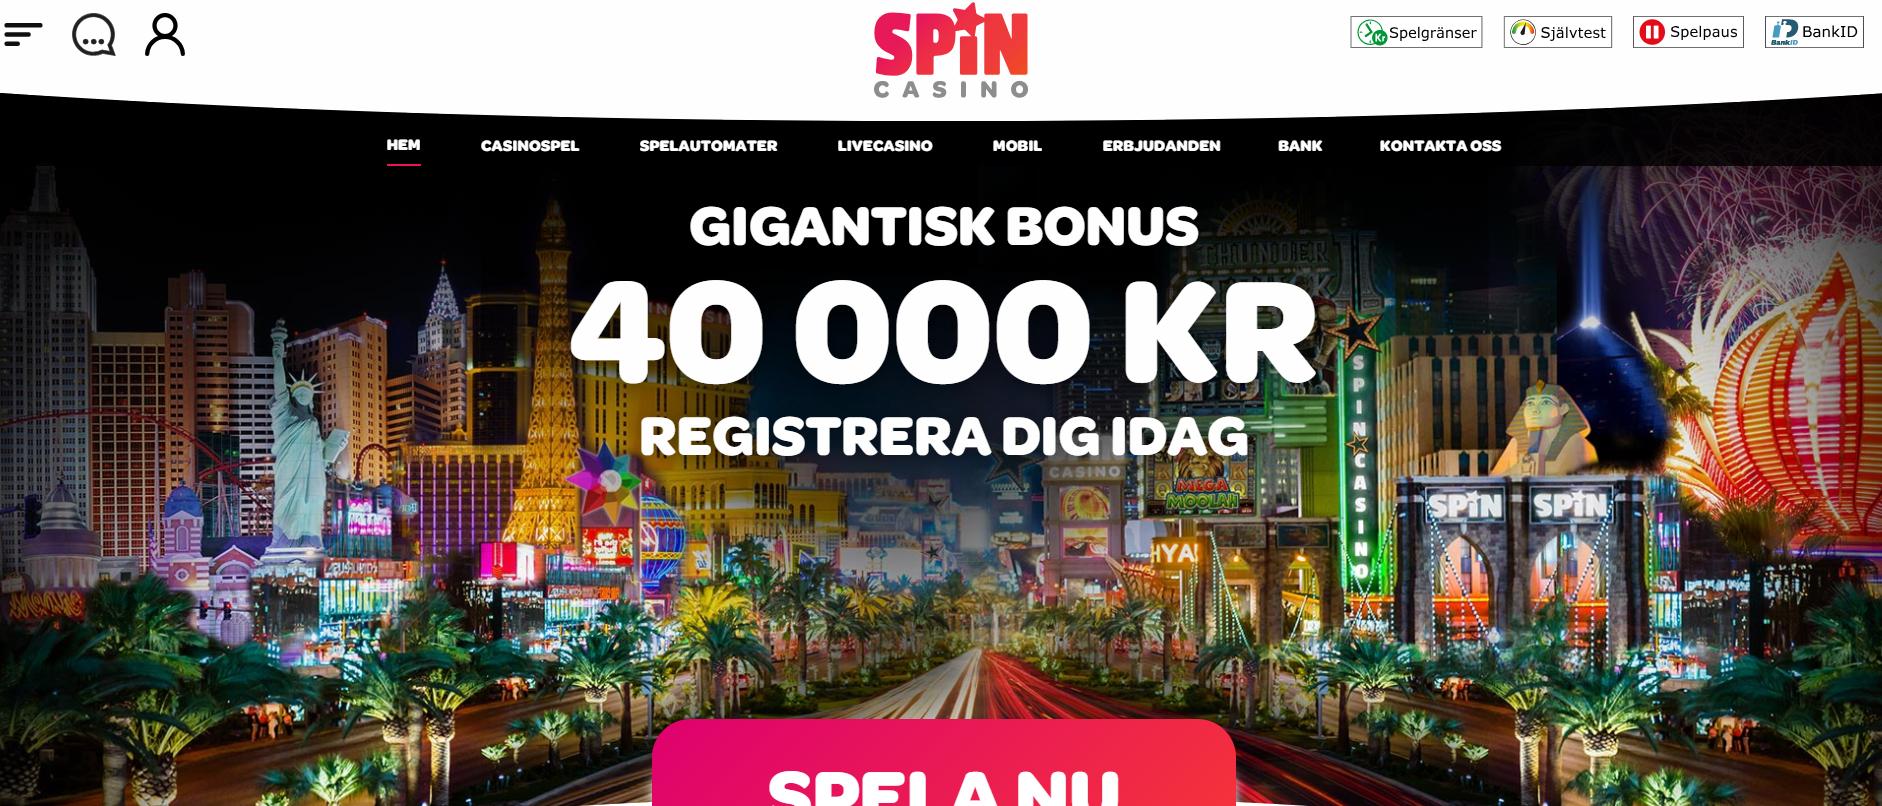 Svenska spel - 24040